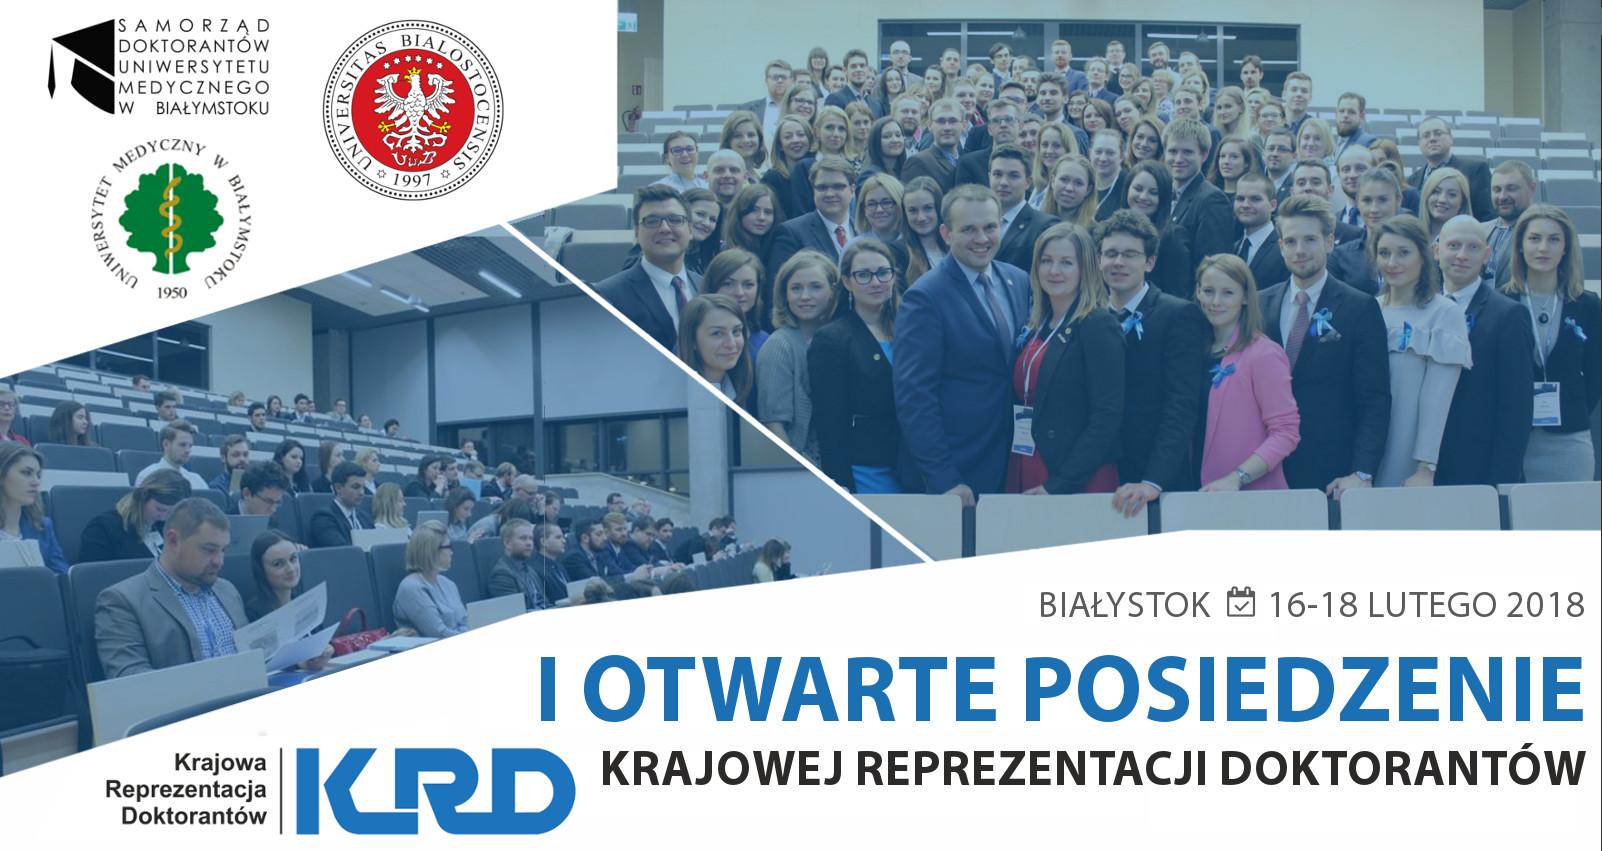 I posiedzenie XIII kadencji Zarządu Krajowej Reprezentacji Doktorantów